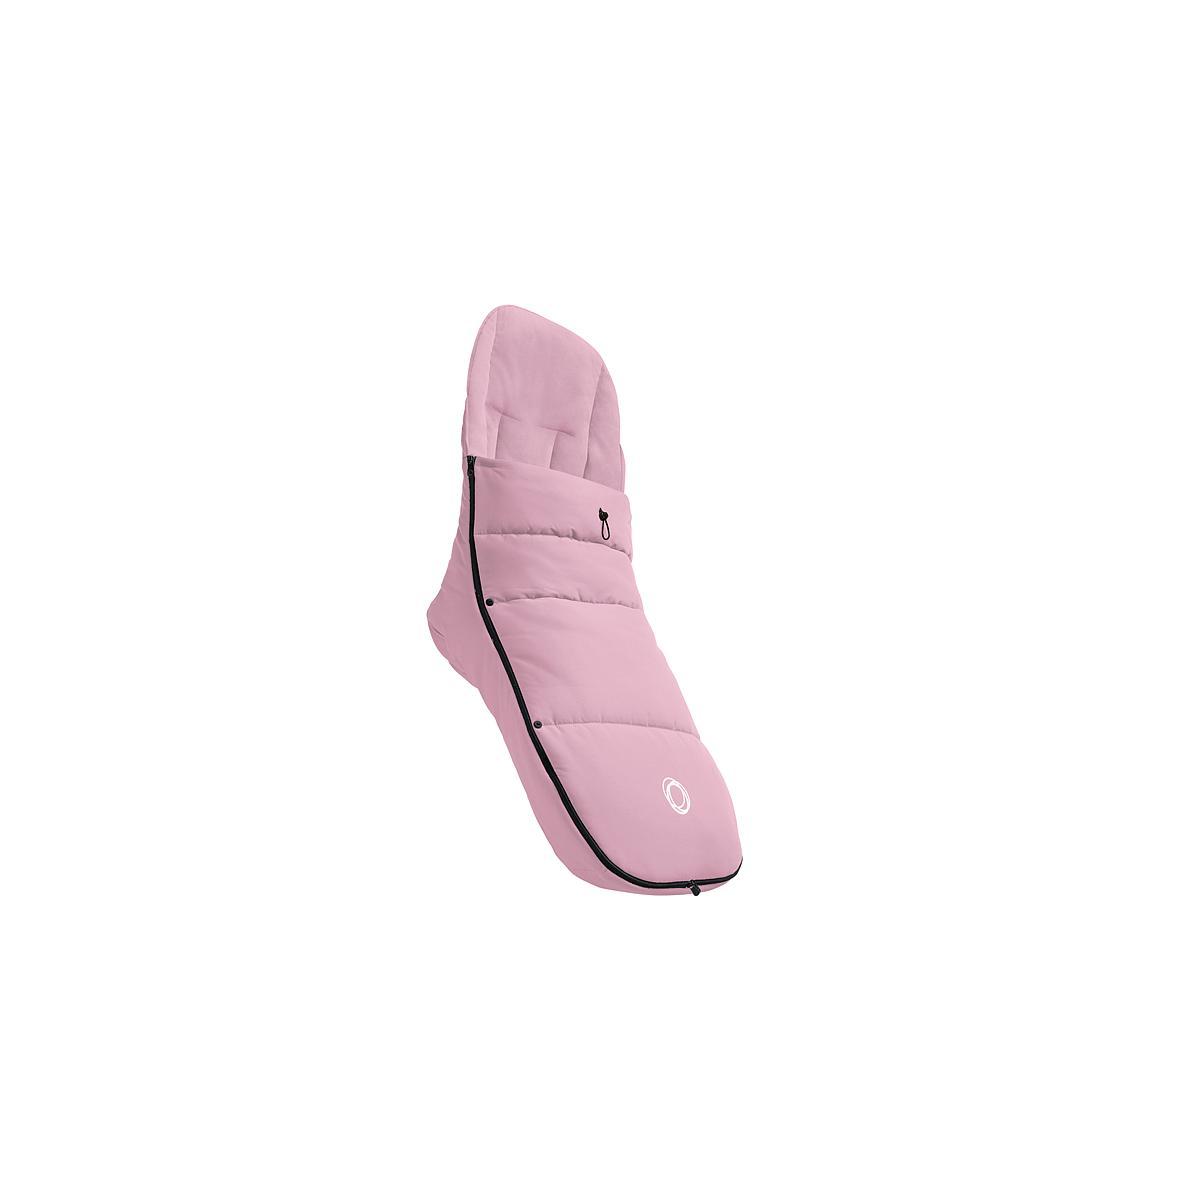 Chancelière bébé Bugaboo rose pâle